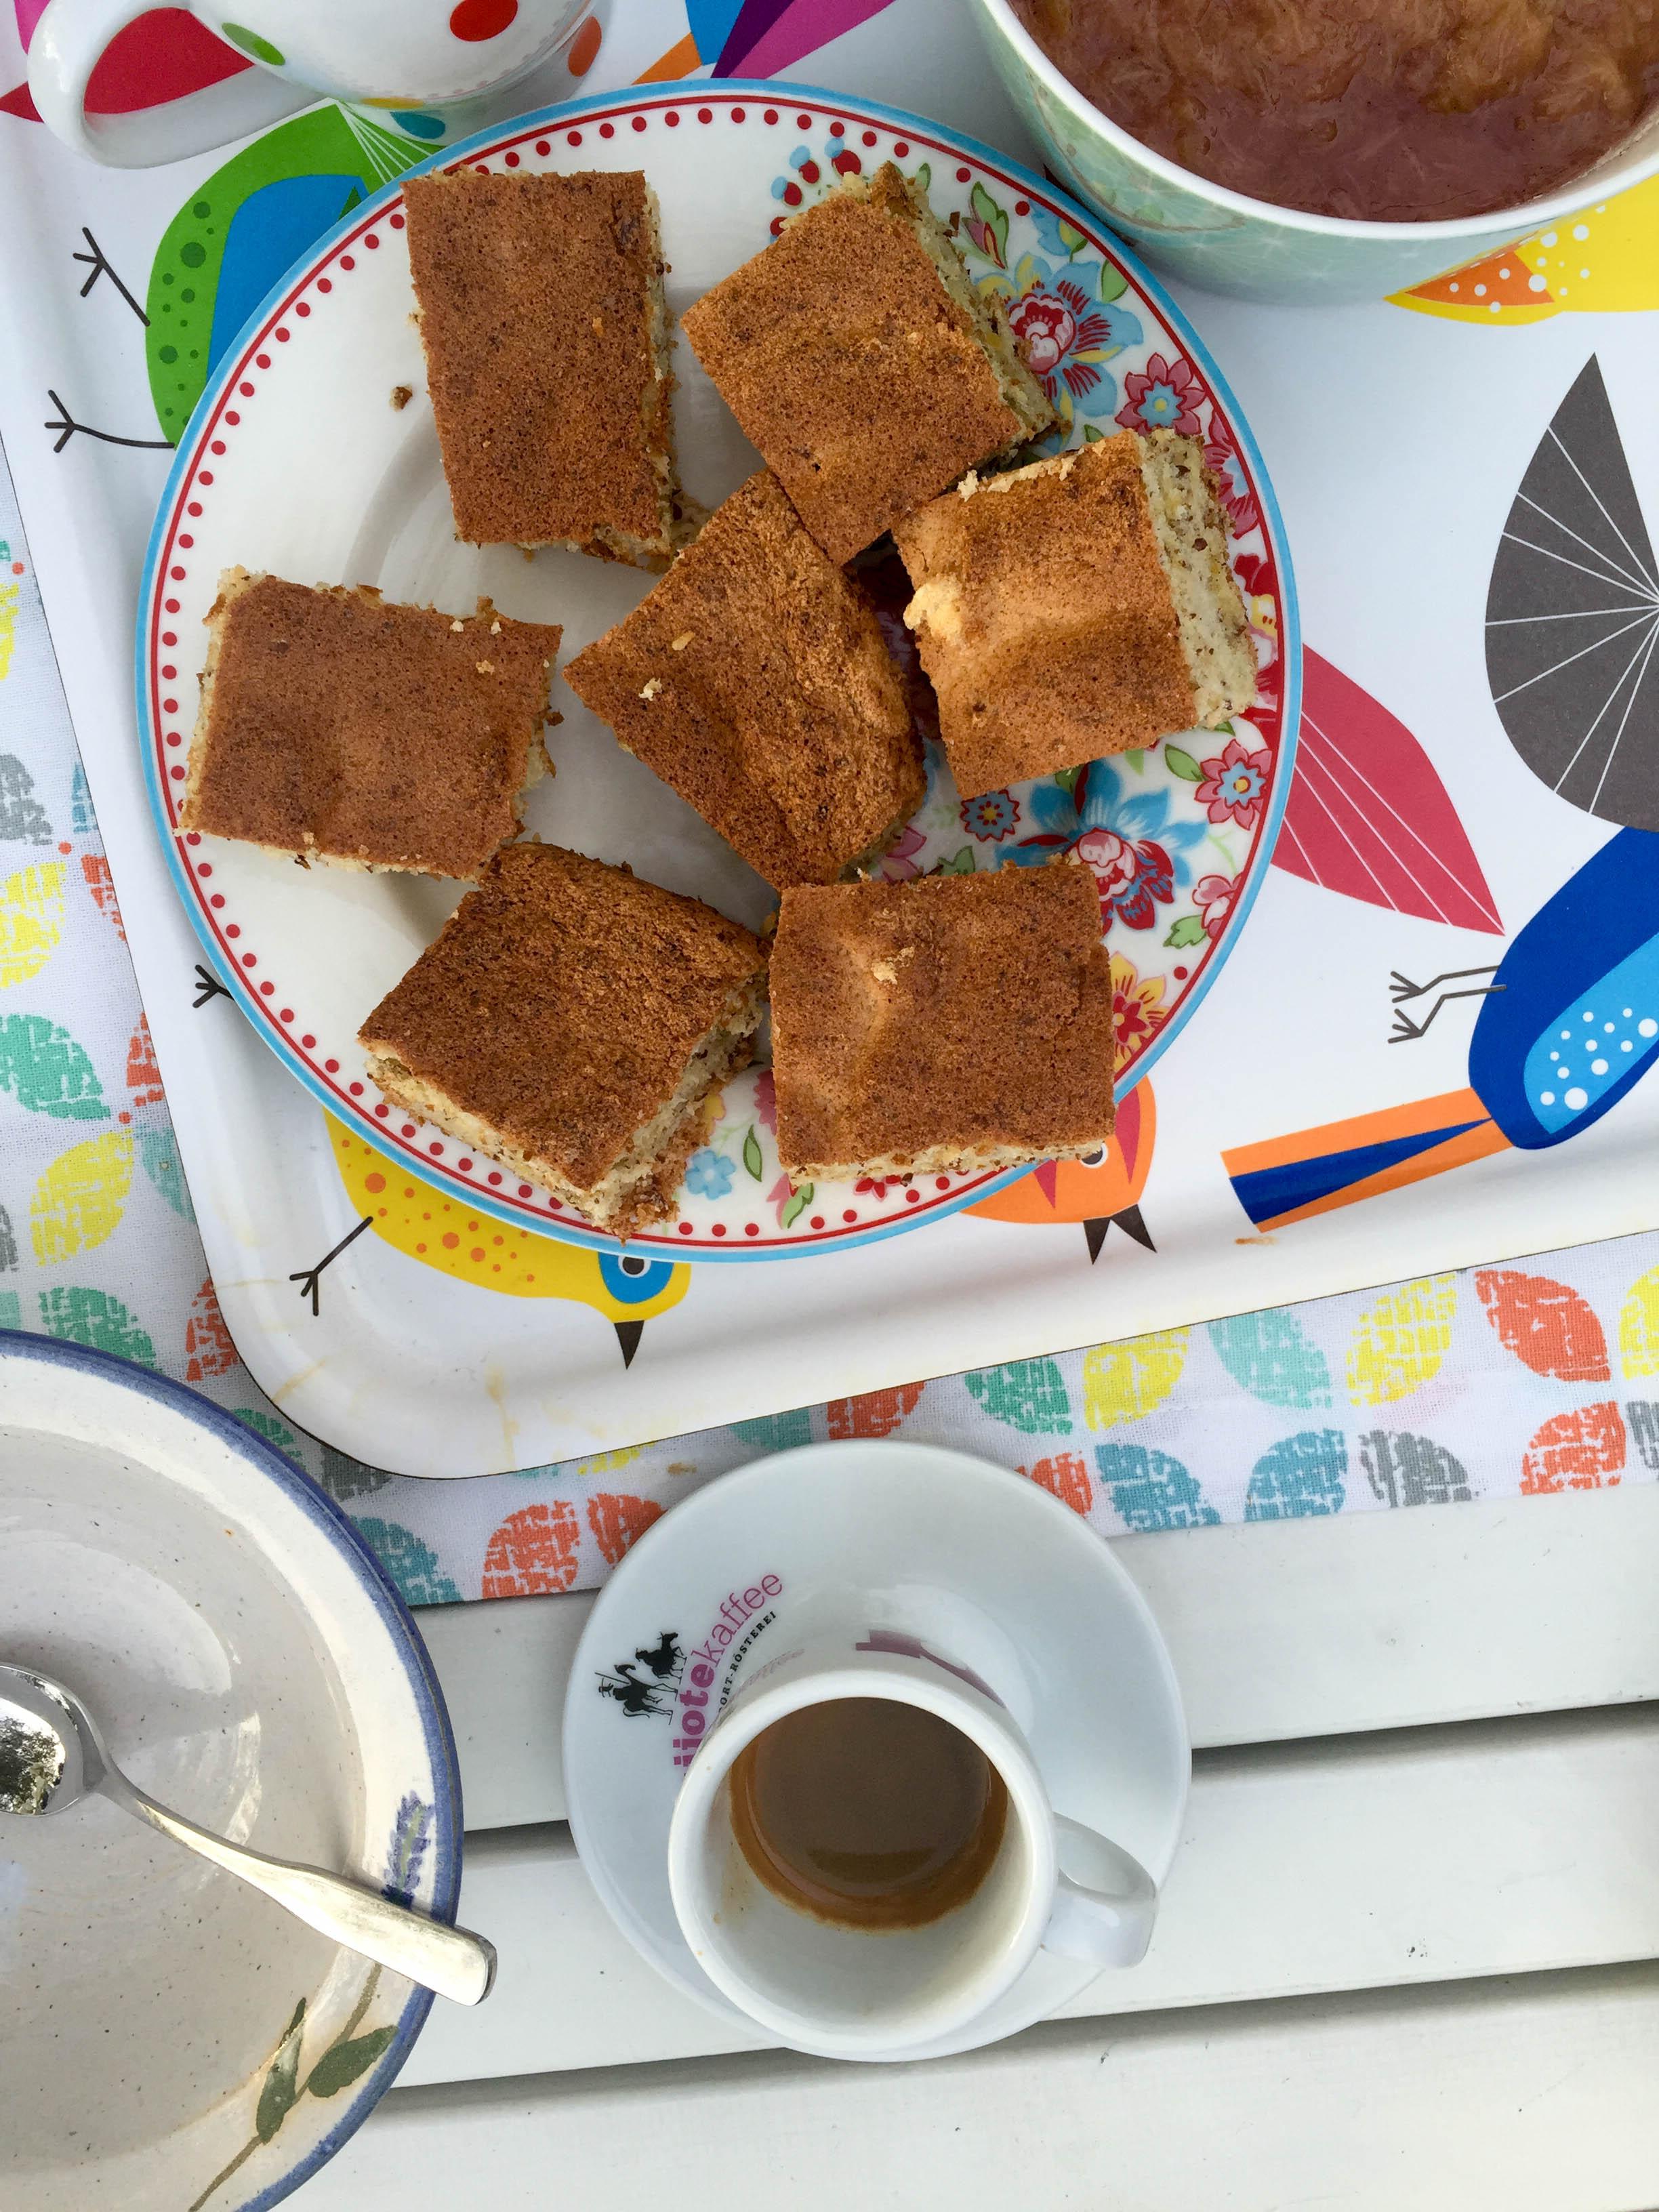 Und zum Nachtisch gab es Mandelkuchen mit Rhabarberkompott. Dazu wurde ein Espresso aus Joshua Tree, Kalifornien serviert.